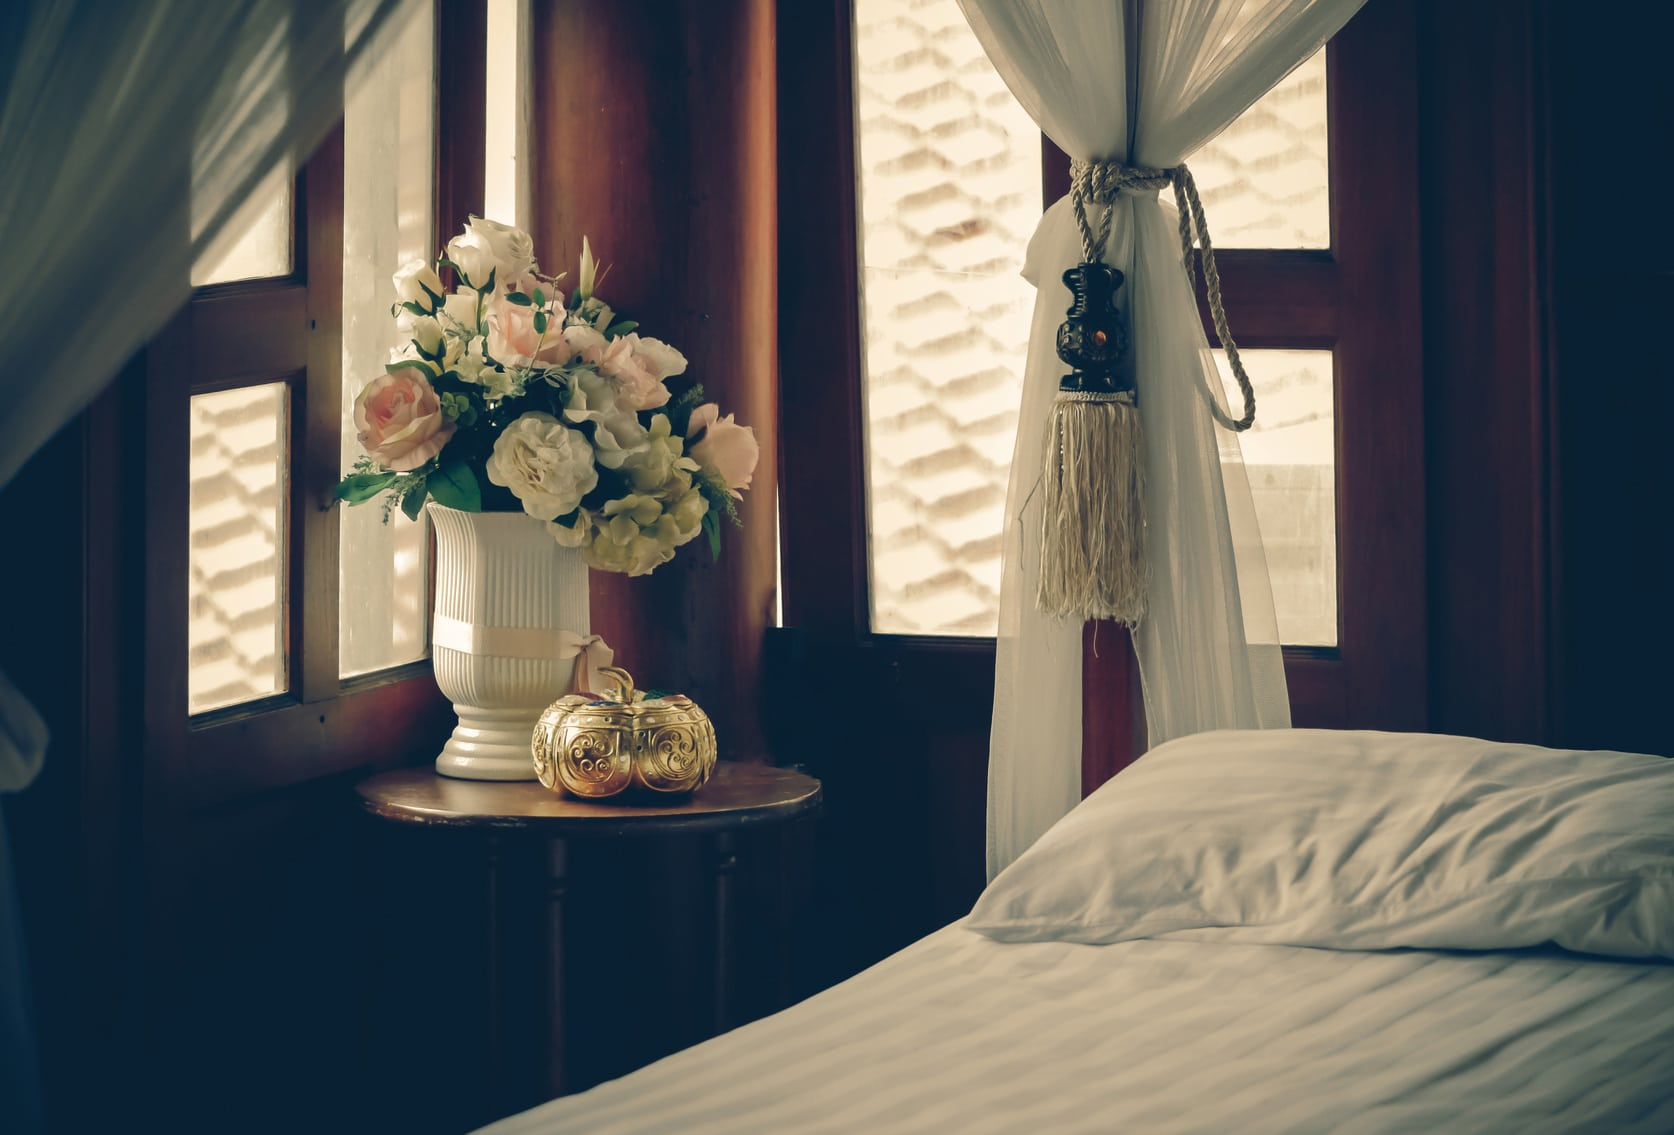 Comment d corer une chambre romantique - Decorer une chambre ...